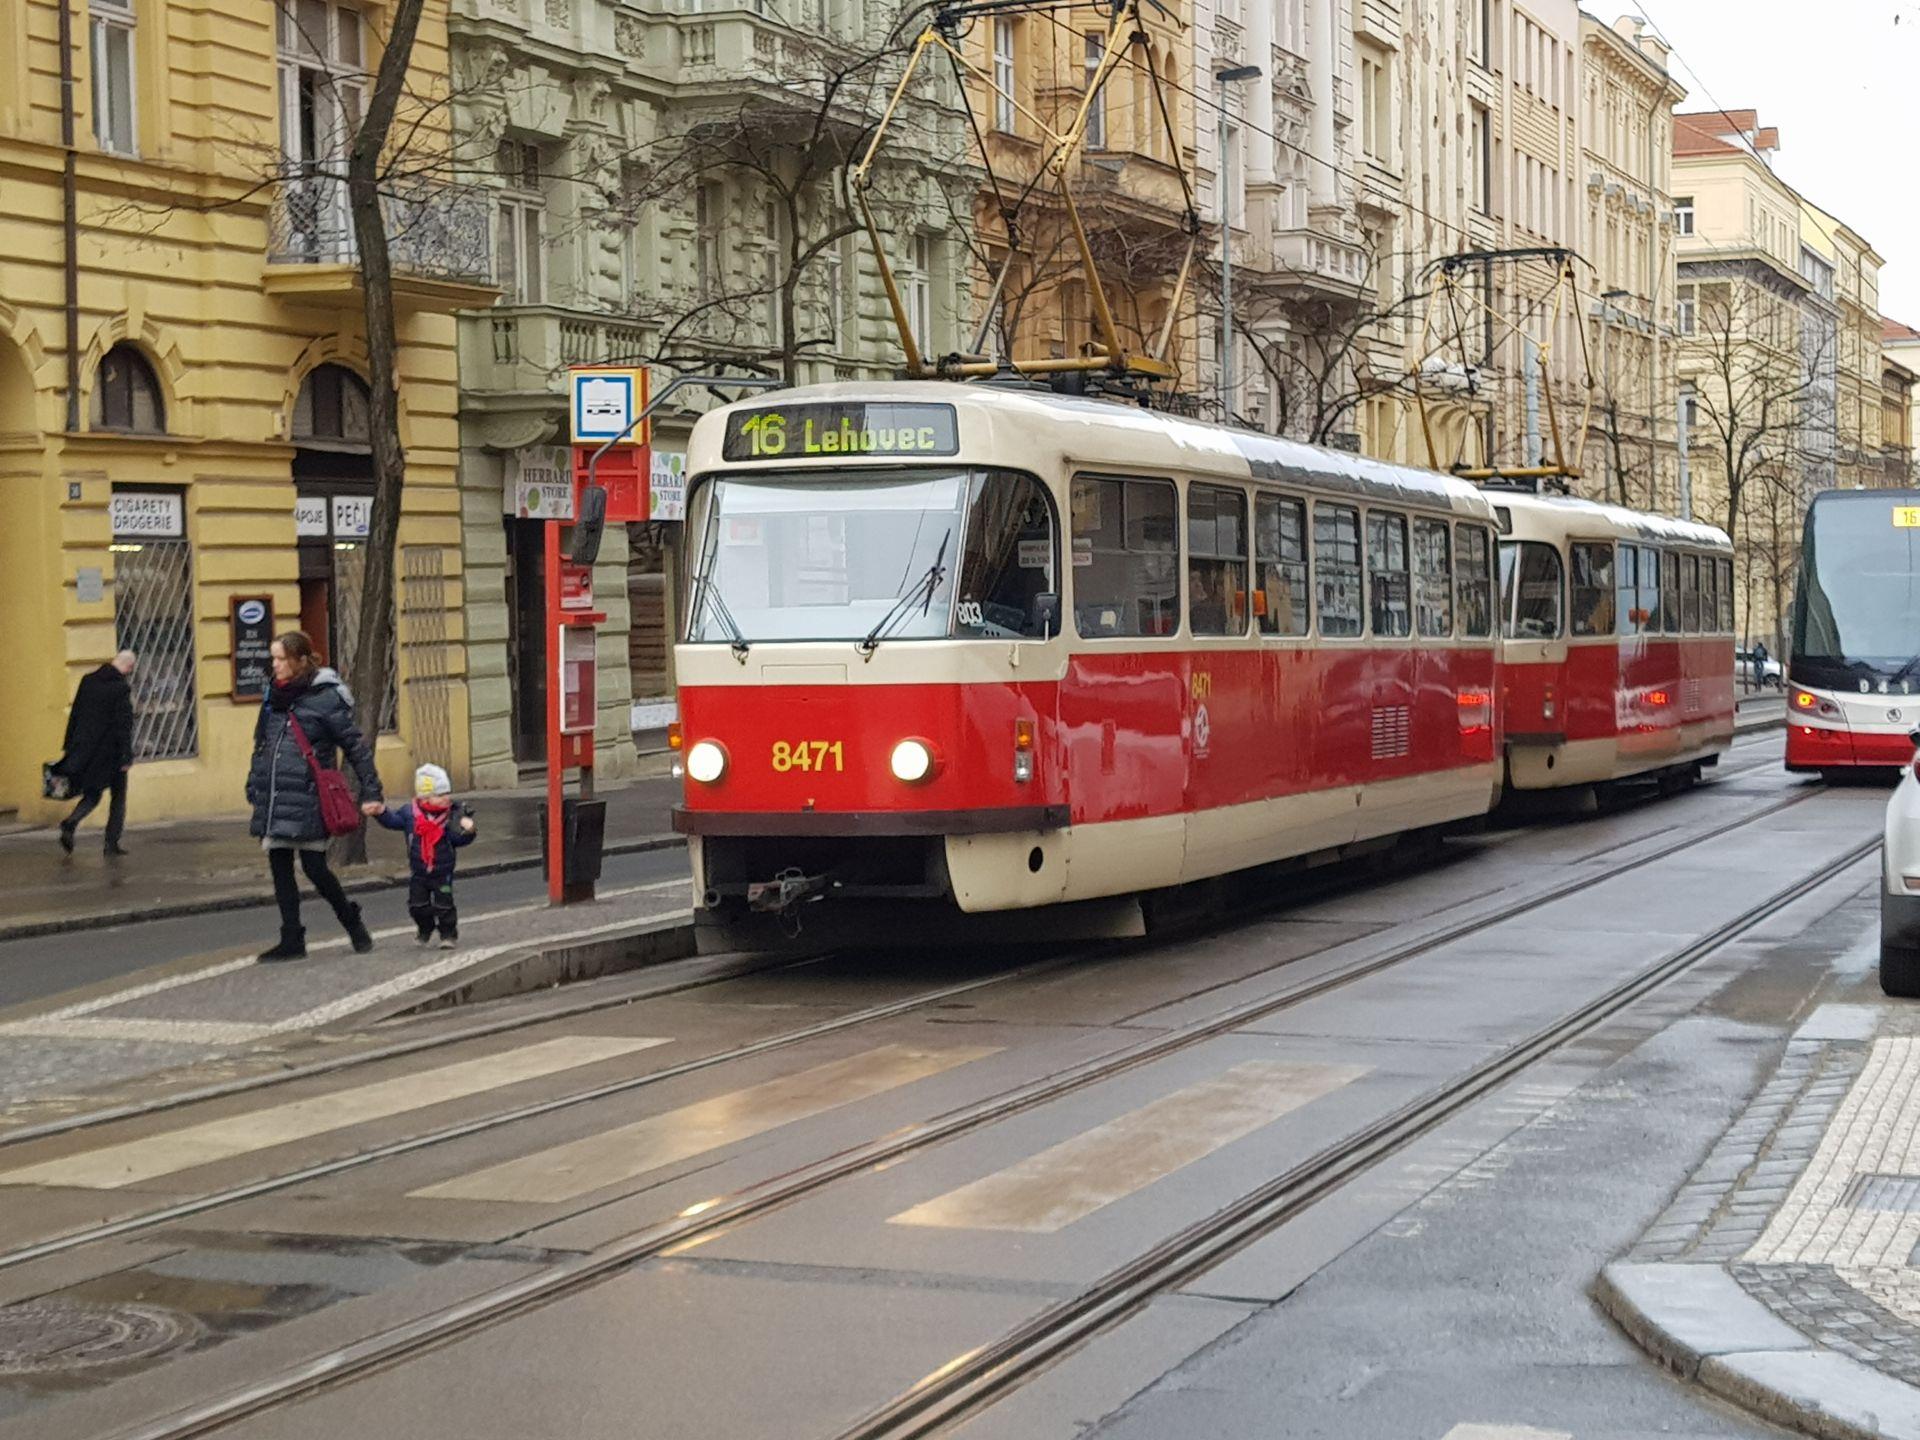 Tramvajová zastávka Šumavská v Korunní ulici v Praze. Foto: Jan Sůra / Zdopravy.cz